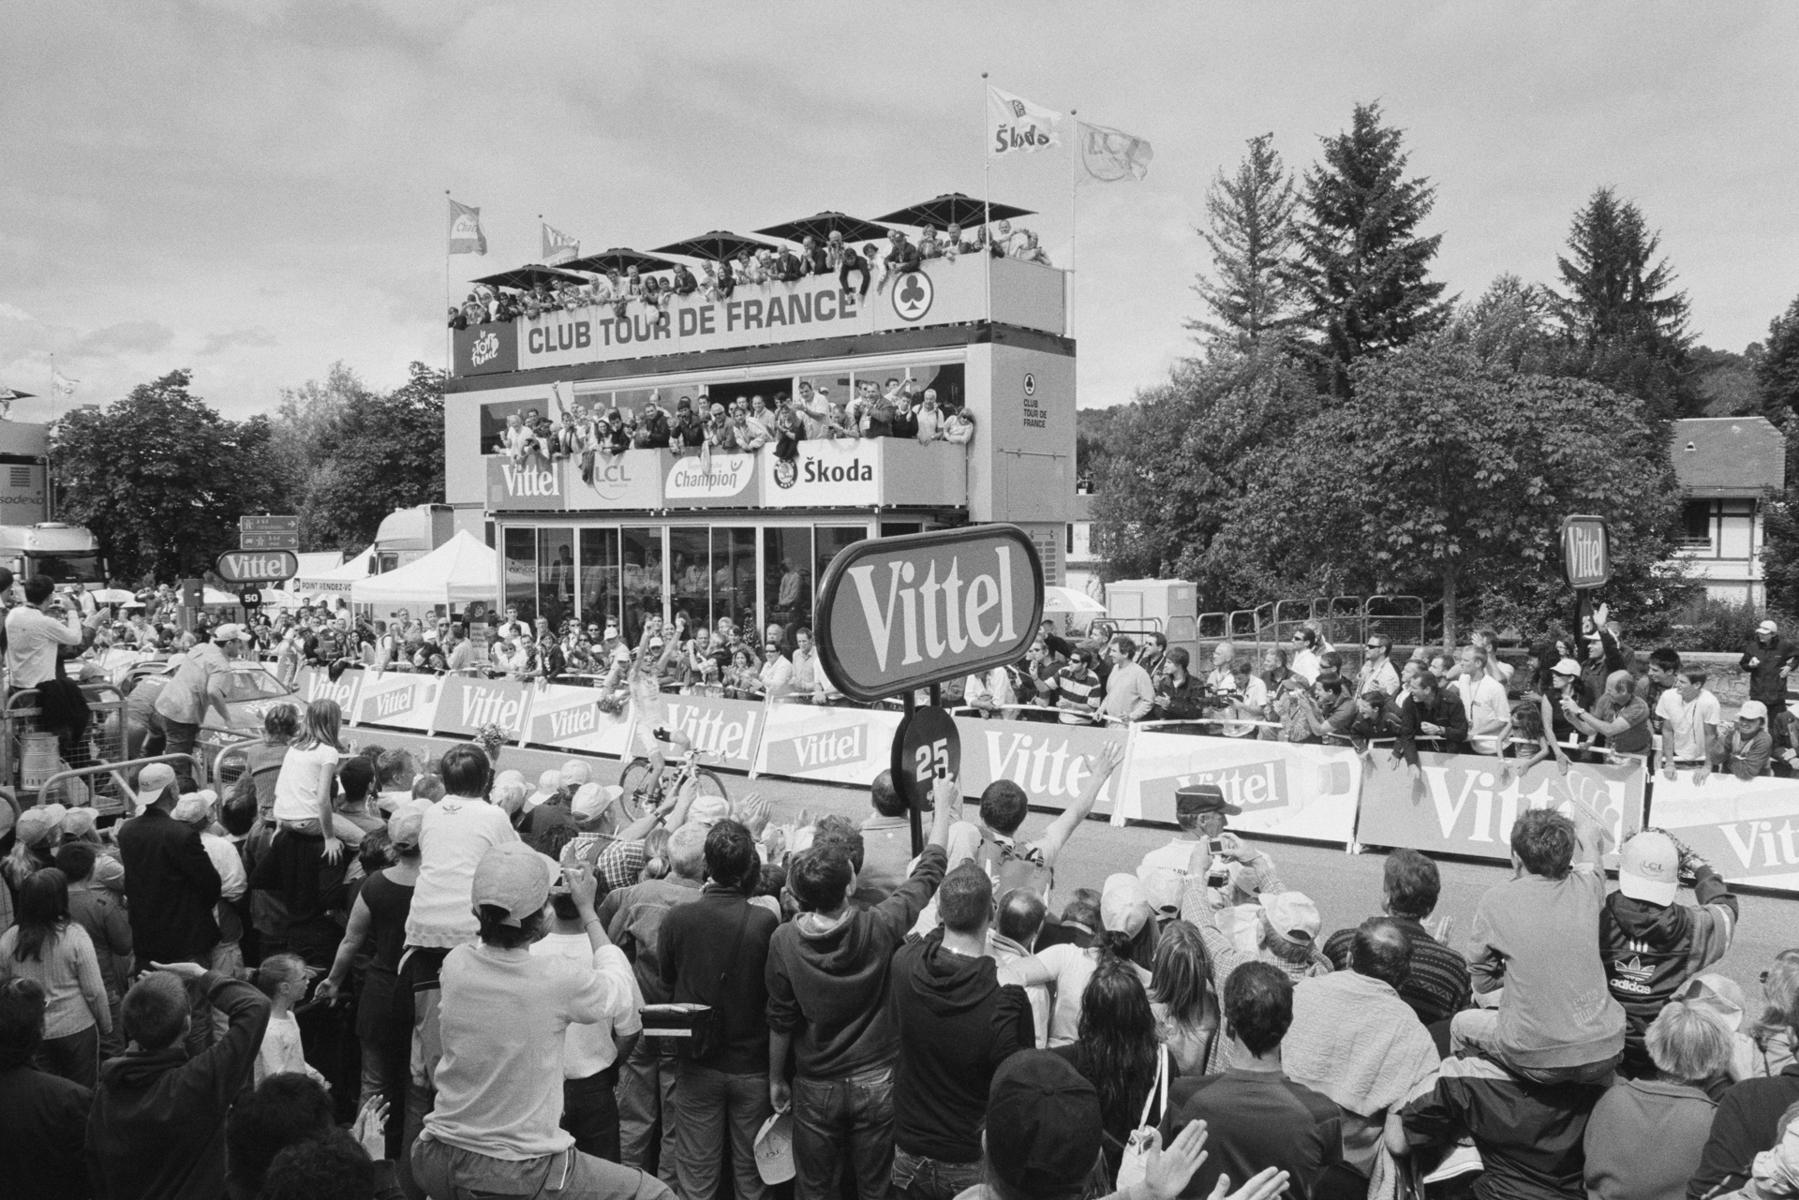 Le Tour de France 2008 ...get the shot of Riccardo Riccò winning this stage. ... photographier la victoire d´étape de Riccardo Riccò. ... Riccardo Riccò beim Etappensieg zu fotografieren! ... fotografiar Riccardo Riccò ganando la etapa.